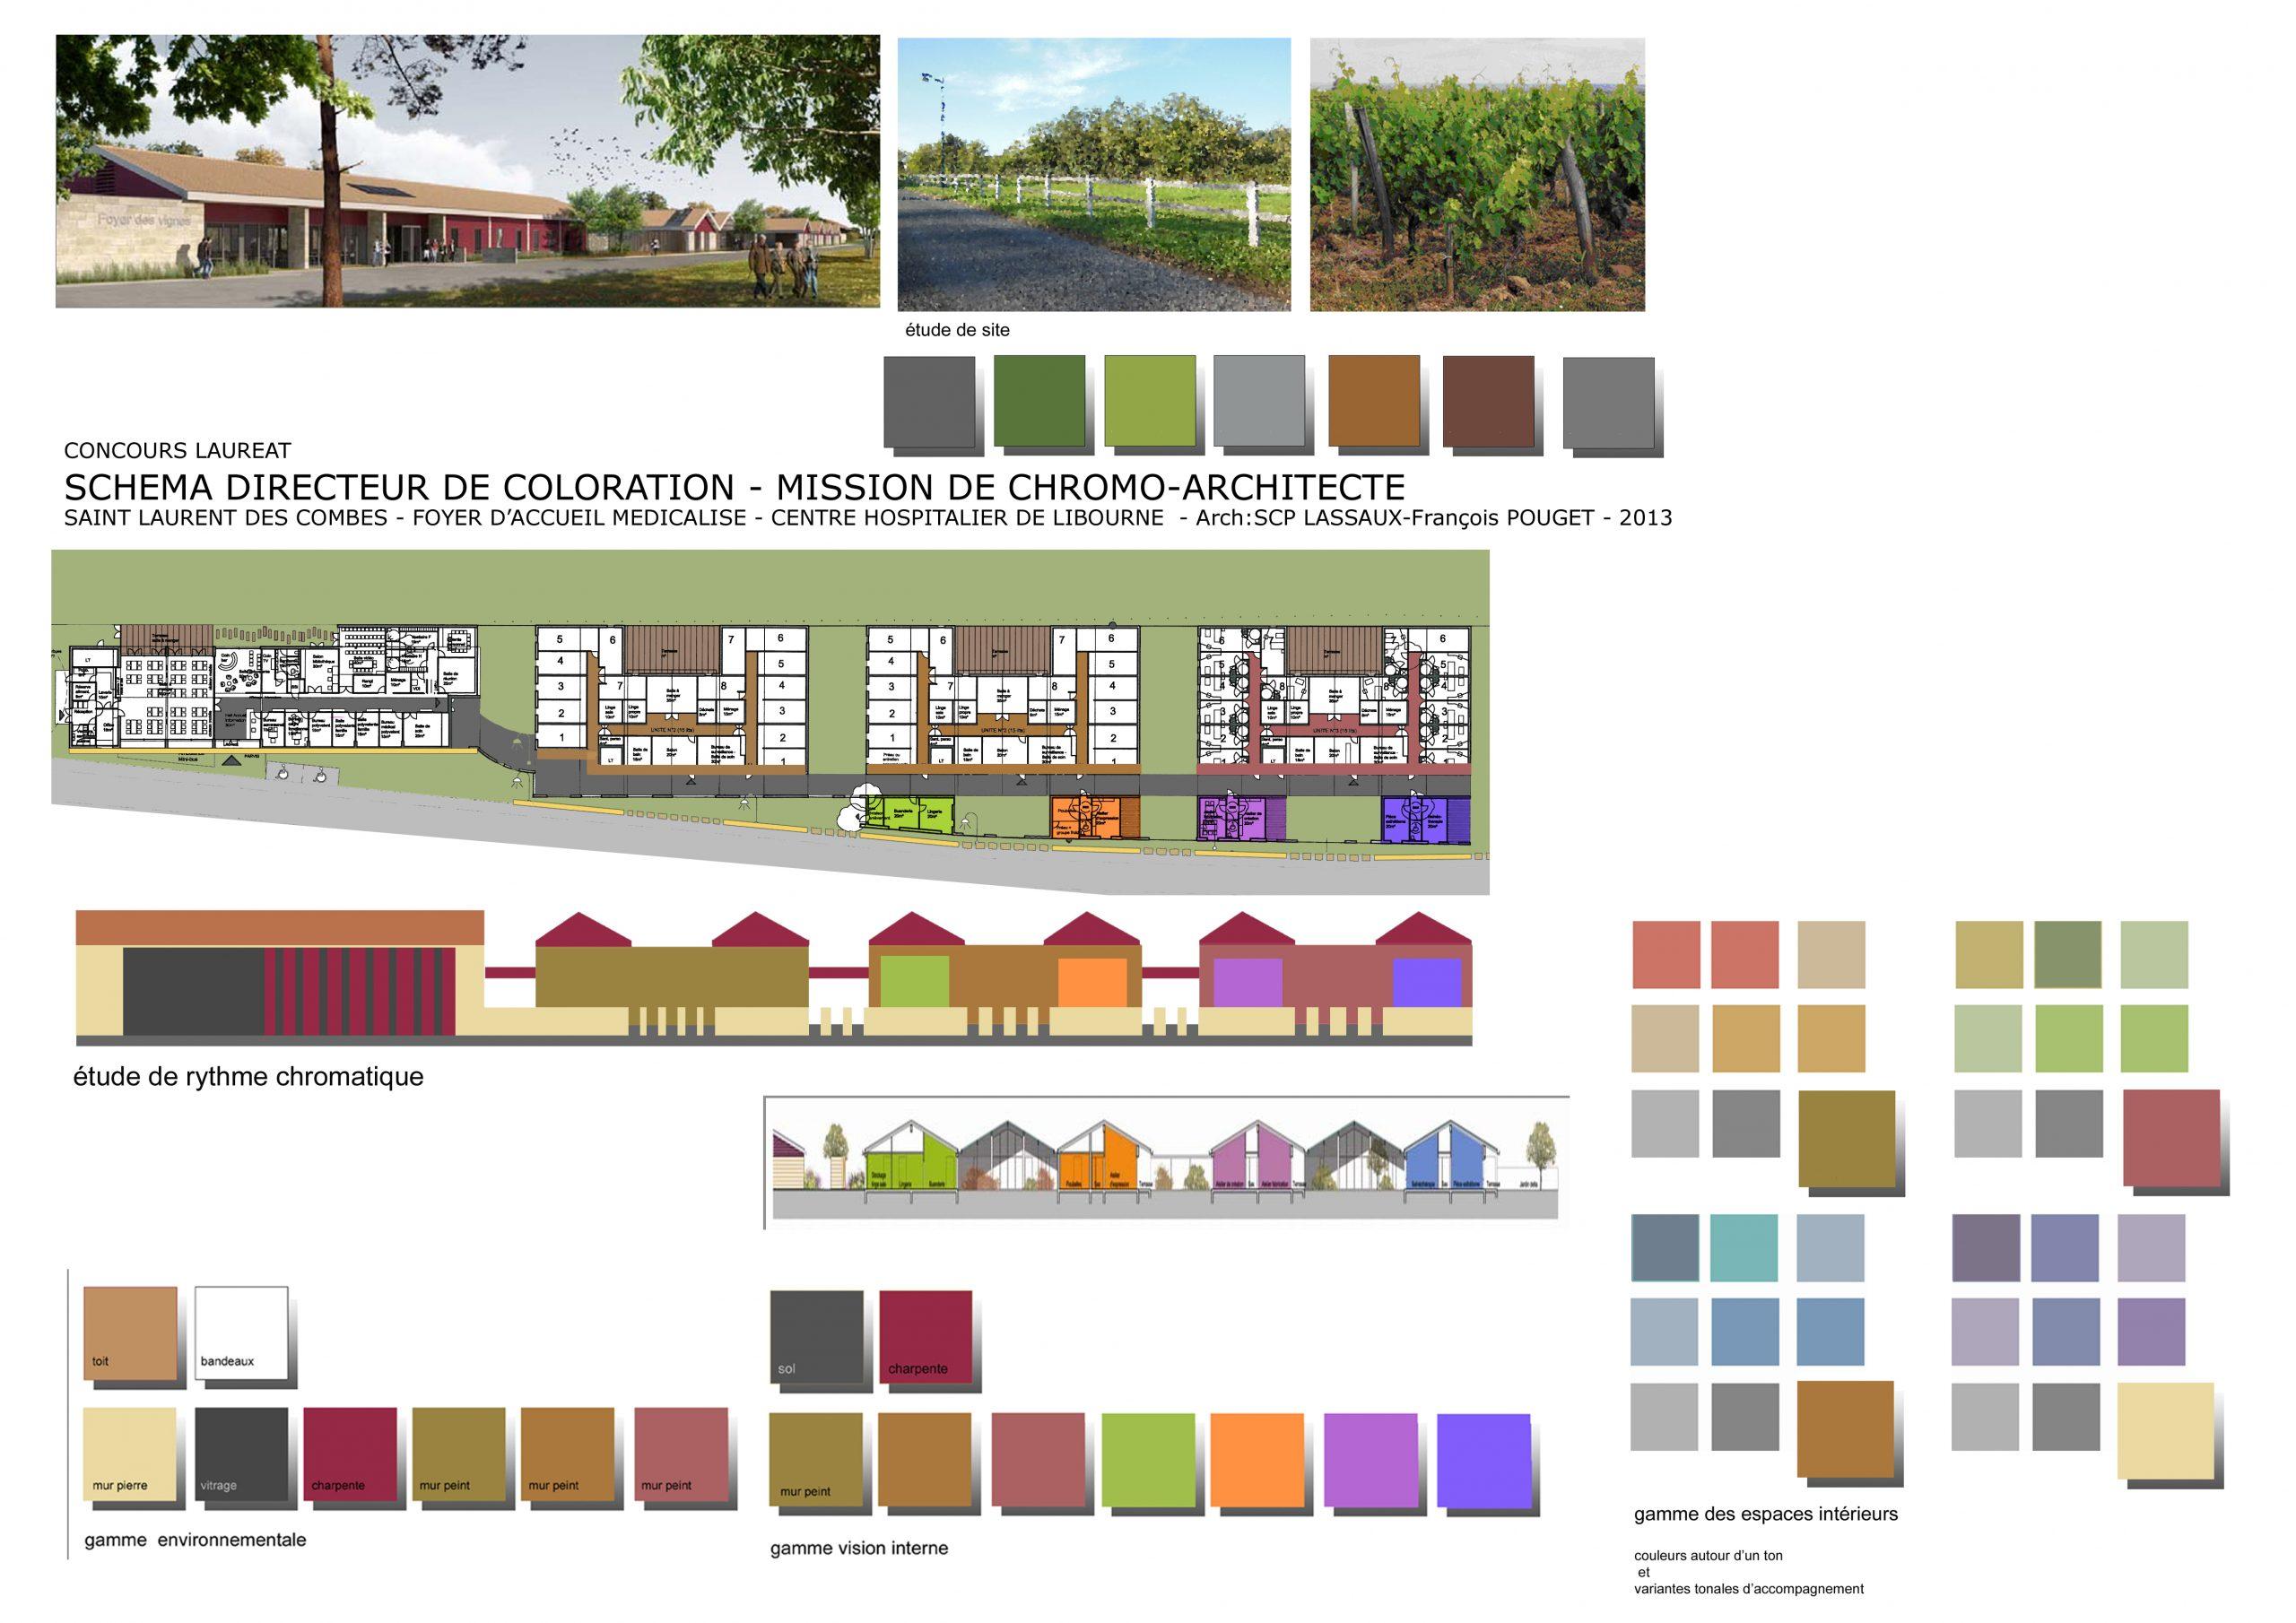 Foyer Aide Médicale-Concours-Schéma directeur de coloration-arch scp Lassaux Pouget